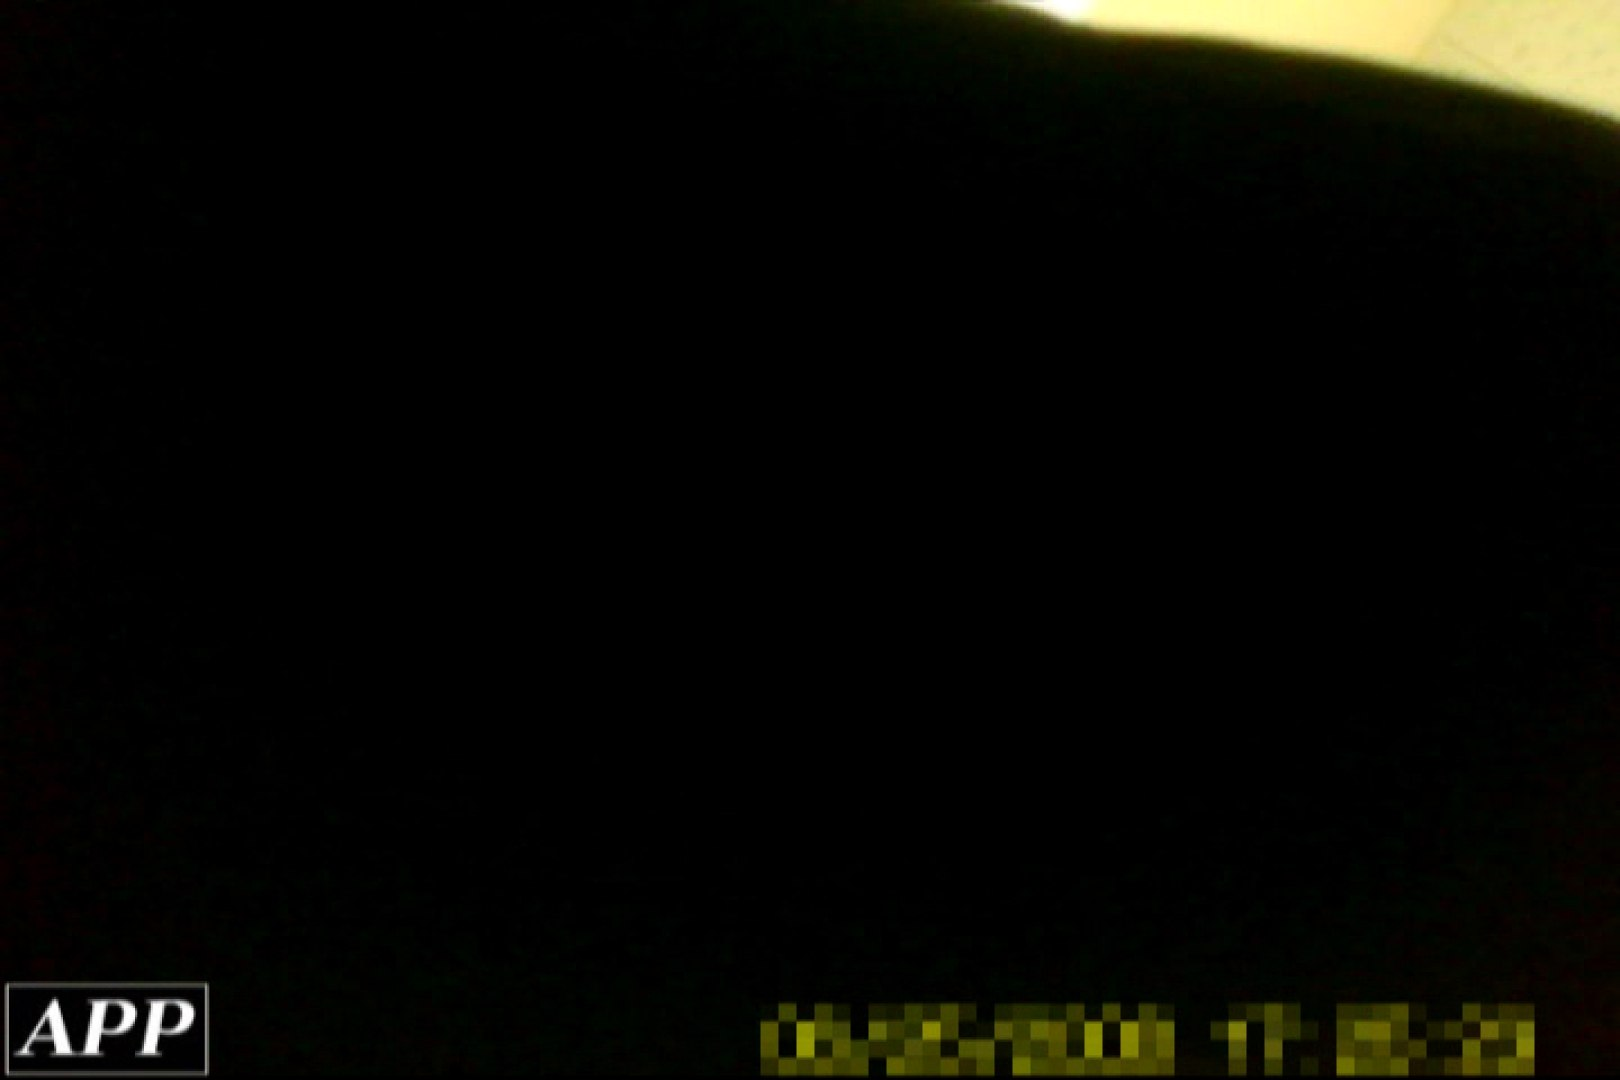 3視点洗面所 vol.75 マンコ満開 オマンコ無修正動画無料 108PIX 81